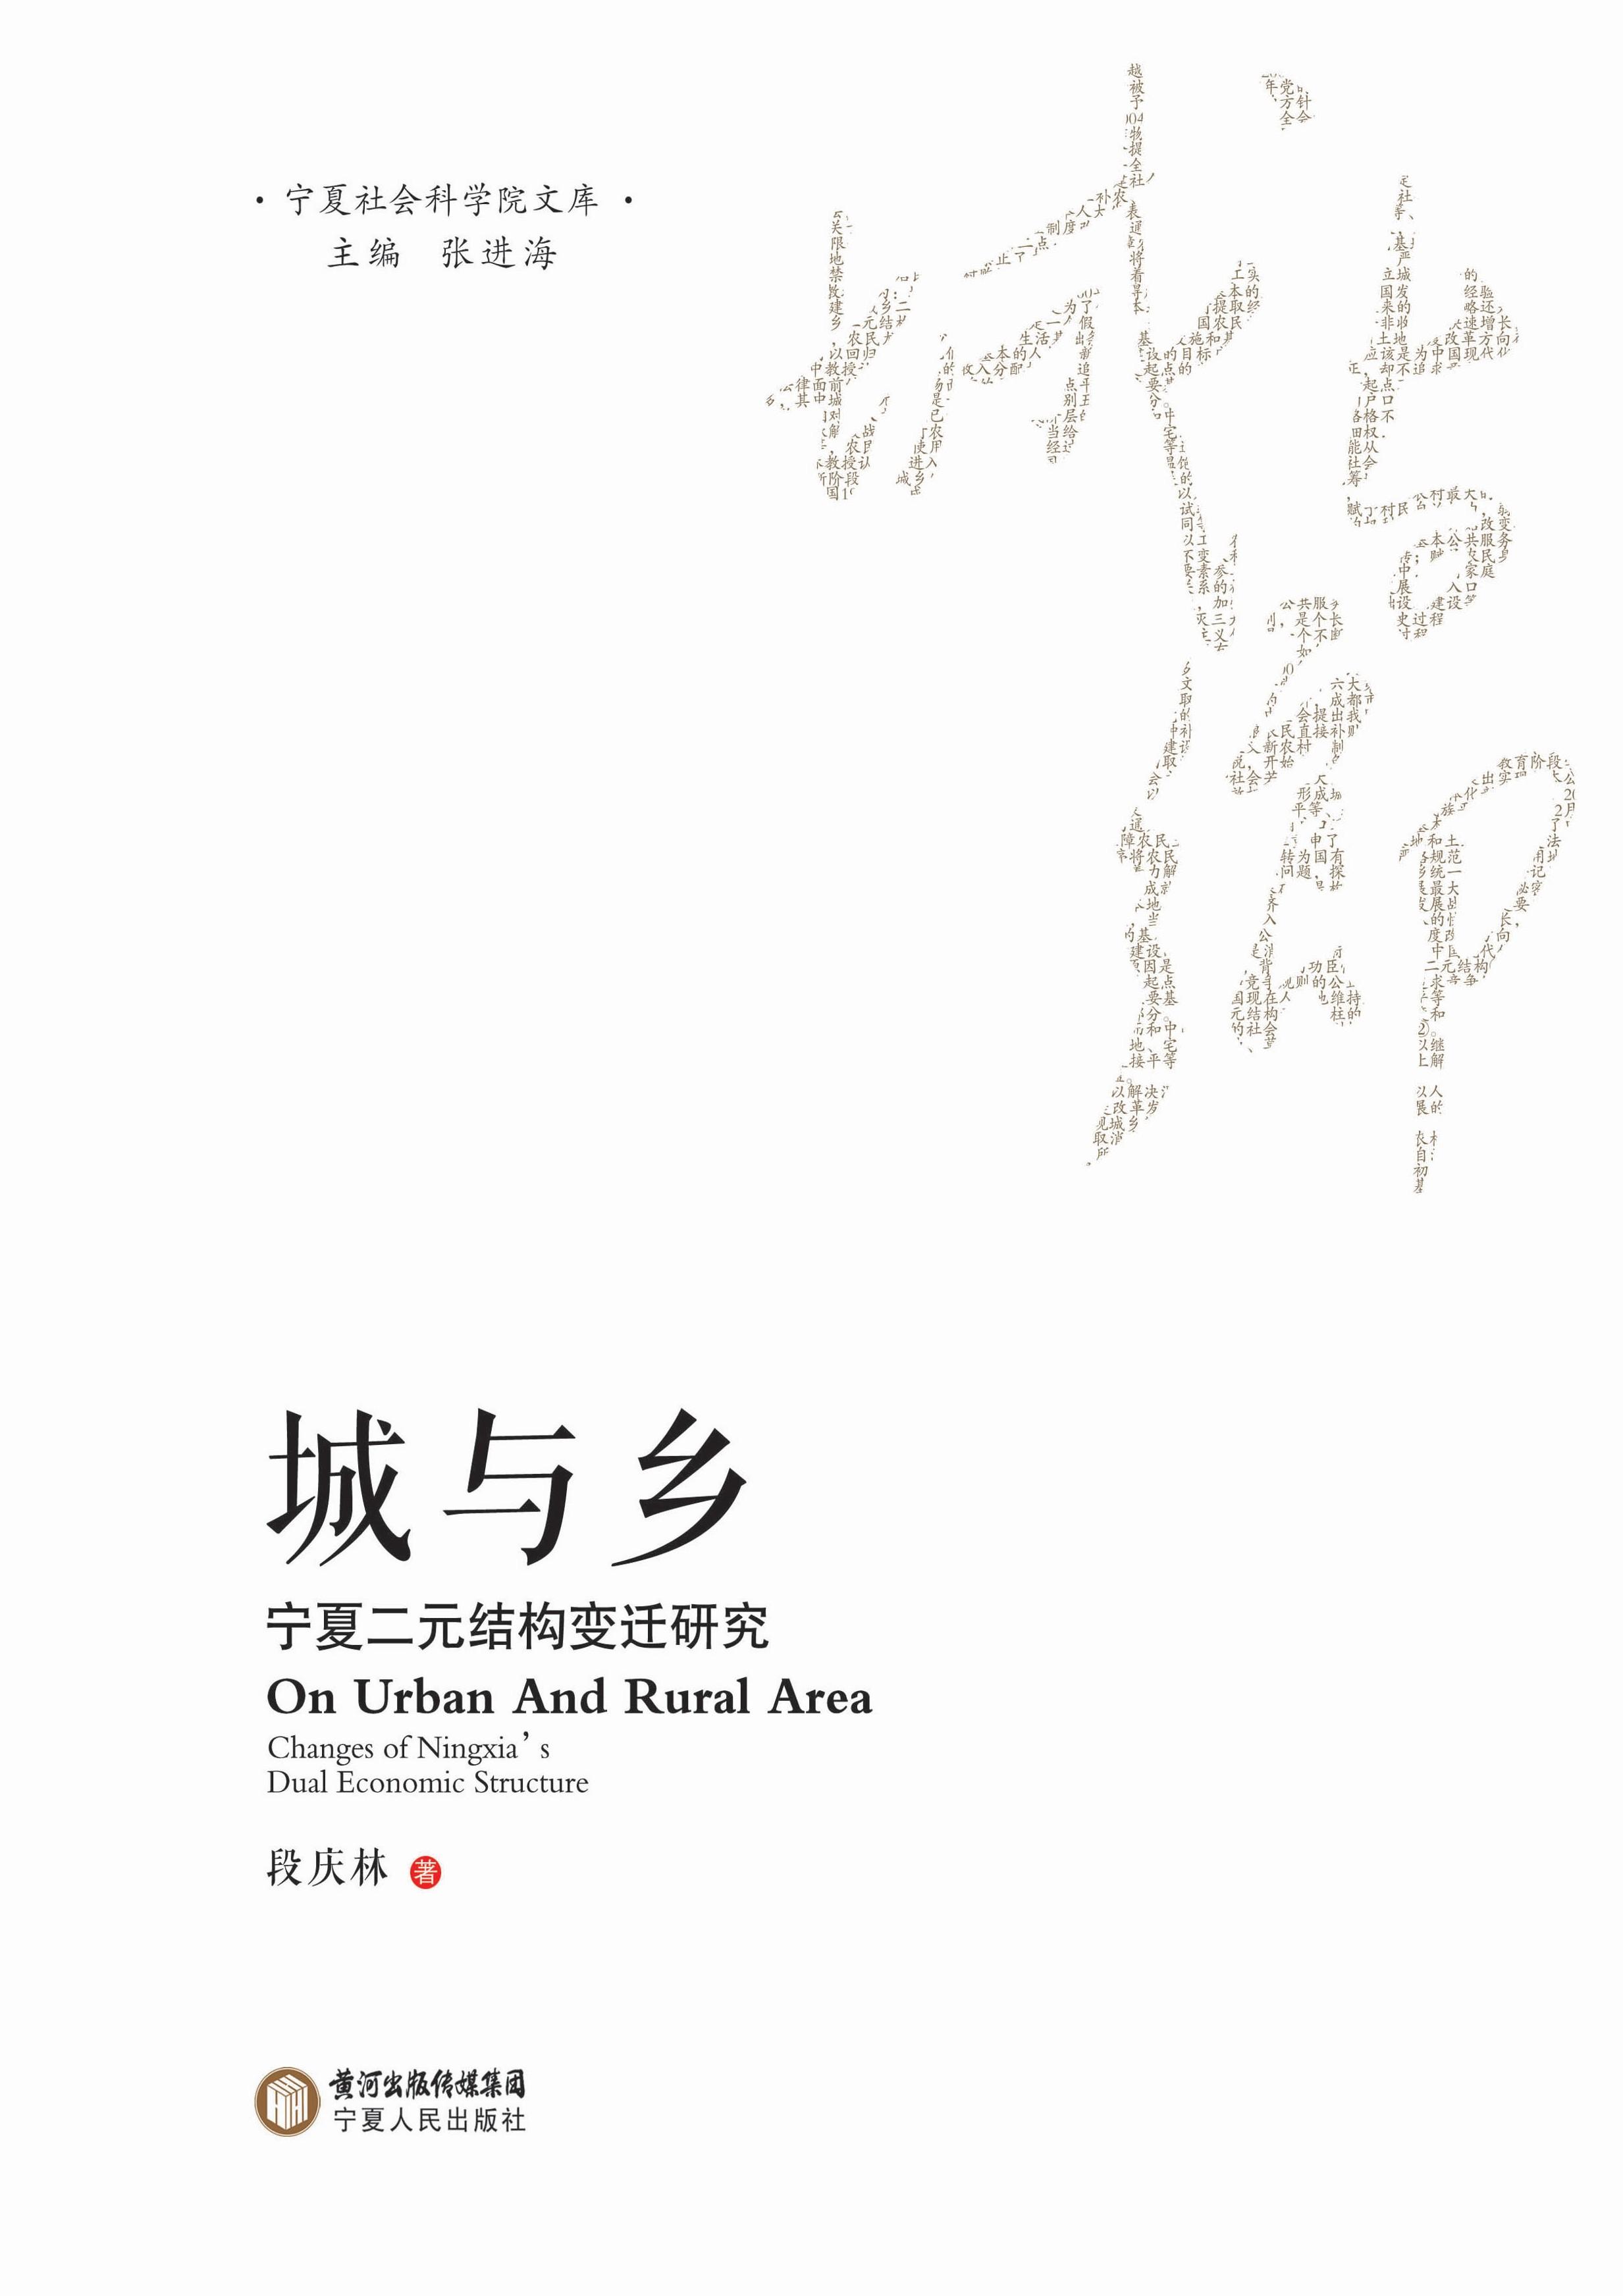 城与乡:宁夏二元结构变迁研究